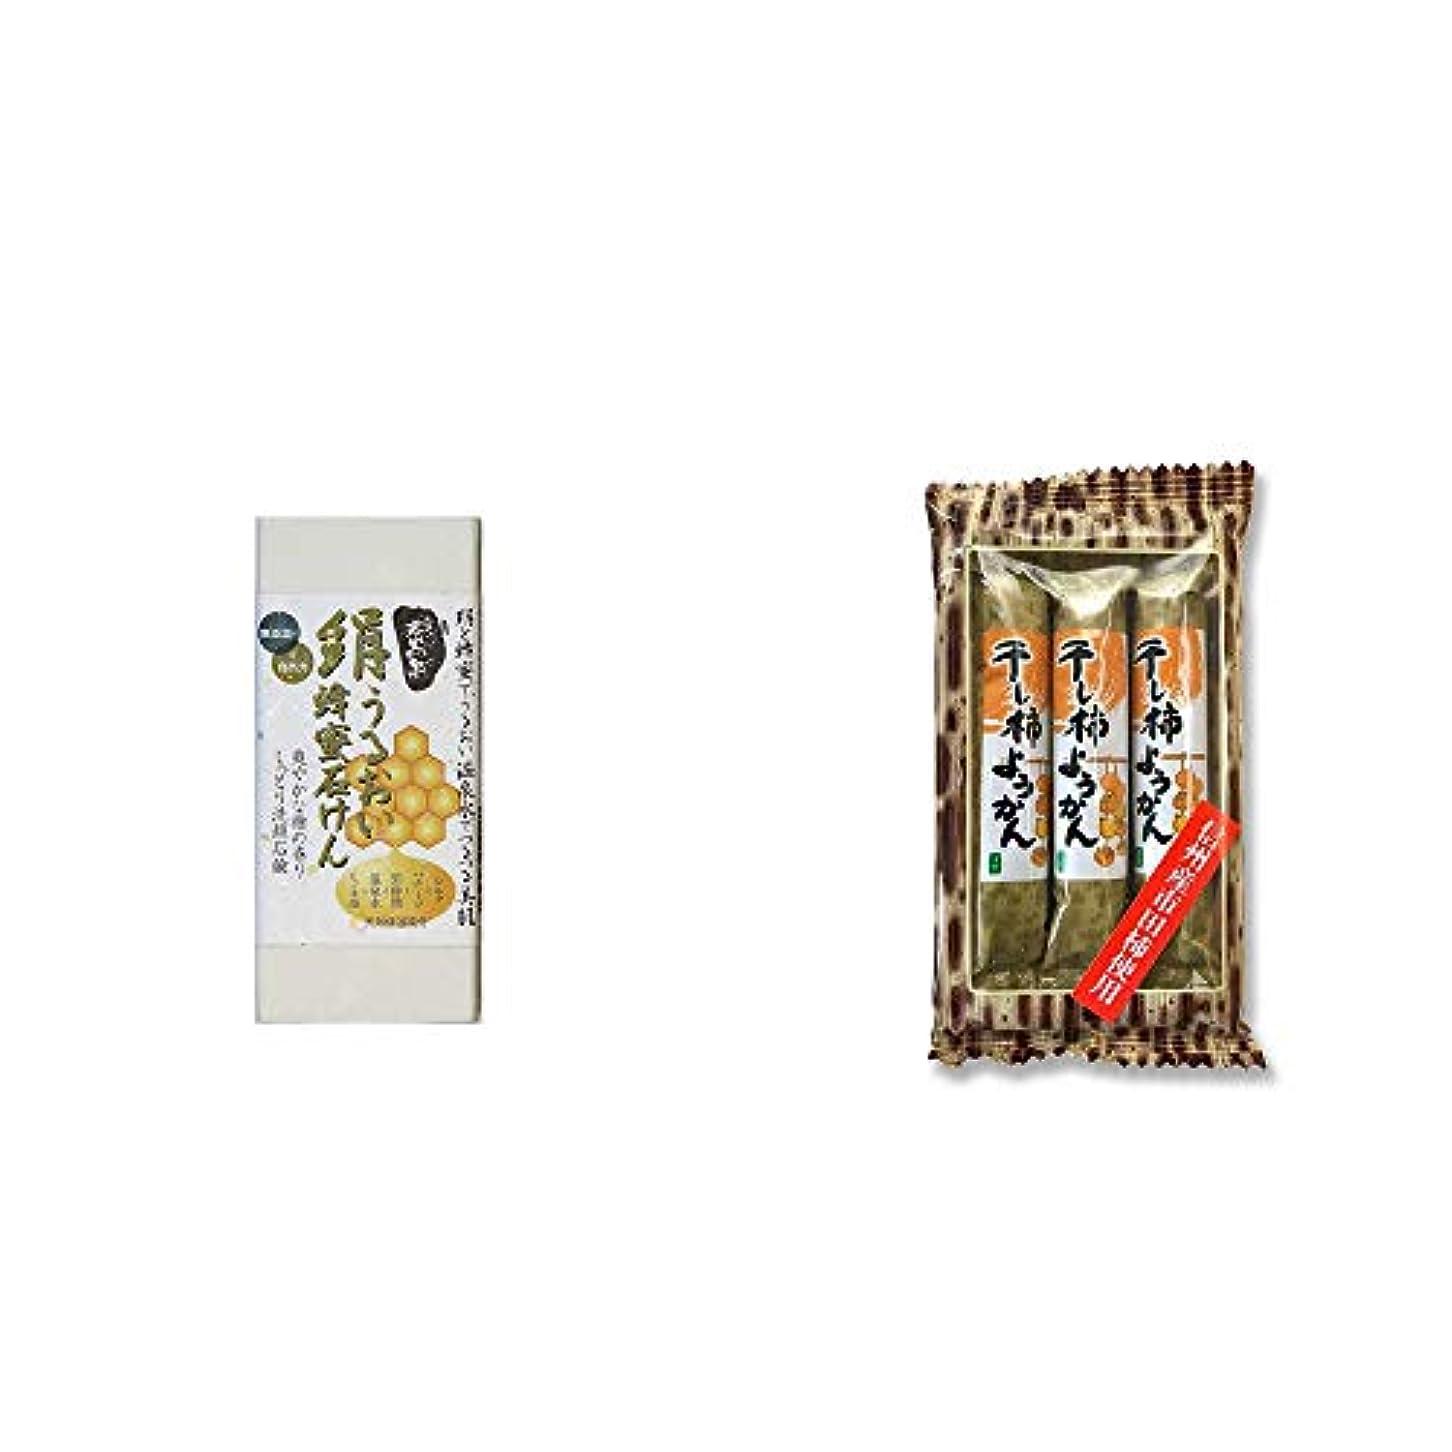 情熱おもしろいありそう[2点セット] ひのき炭黒泉 絹うるおい蜂蜜石けん(75g×2)?信州産市田柿使用 スティックようかん[柿](50g×3本)